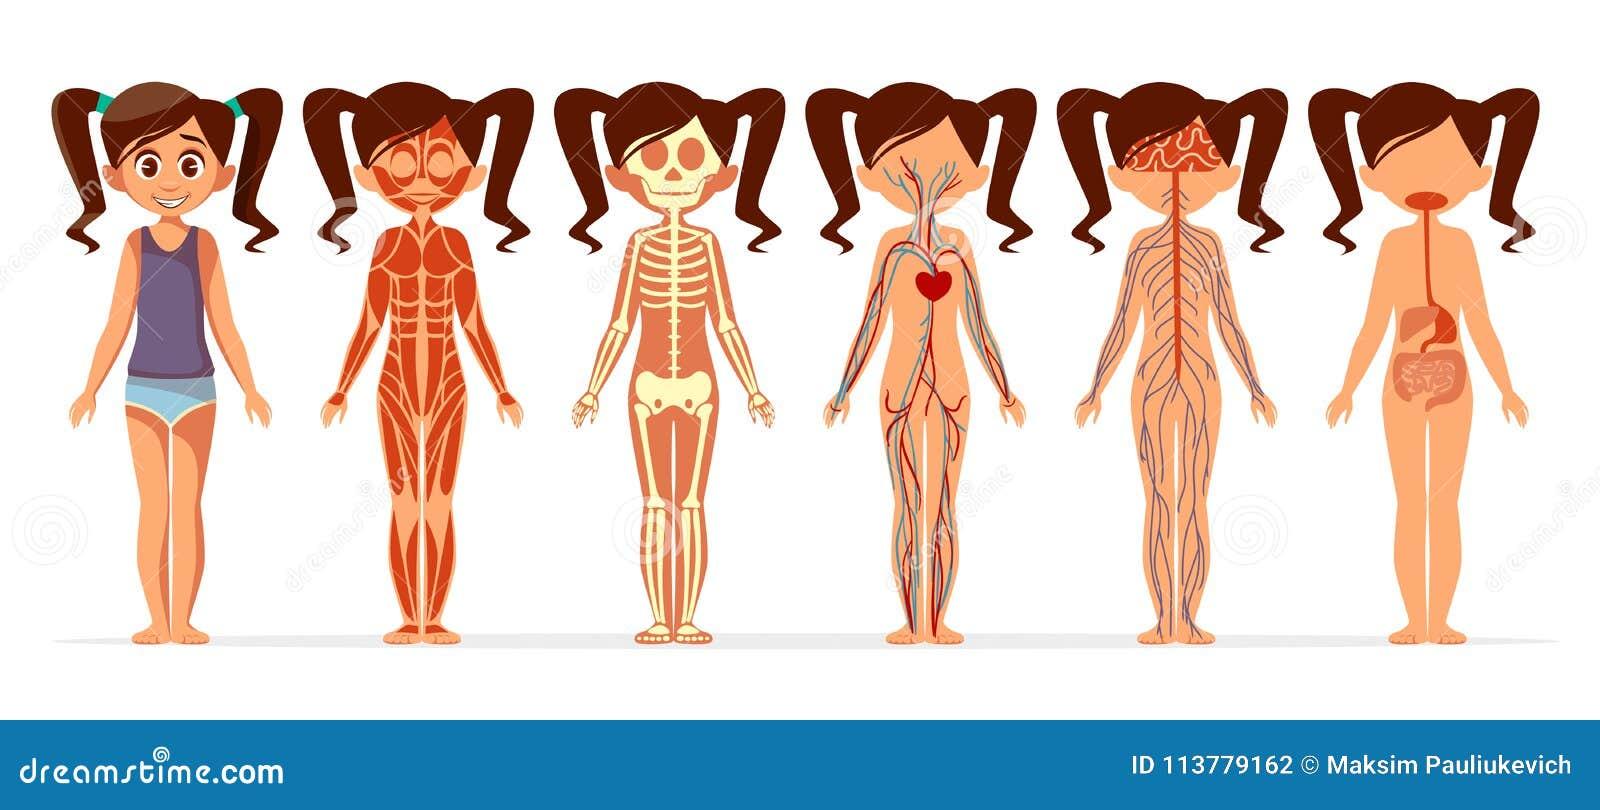 Διανυσματική απεικόνιση κινούμενων σχεδίων ανατομίας σωμάτων κοριτσιών του γυναικείου μυϊκού, σκελετικού, κυκλοφοριακού ή νευρικο